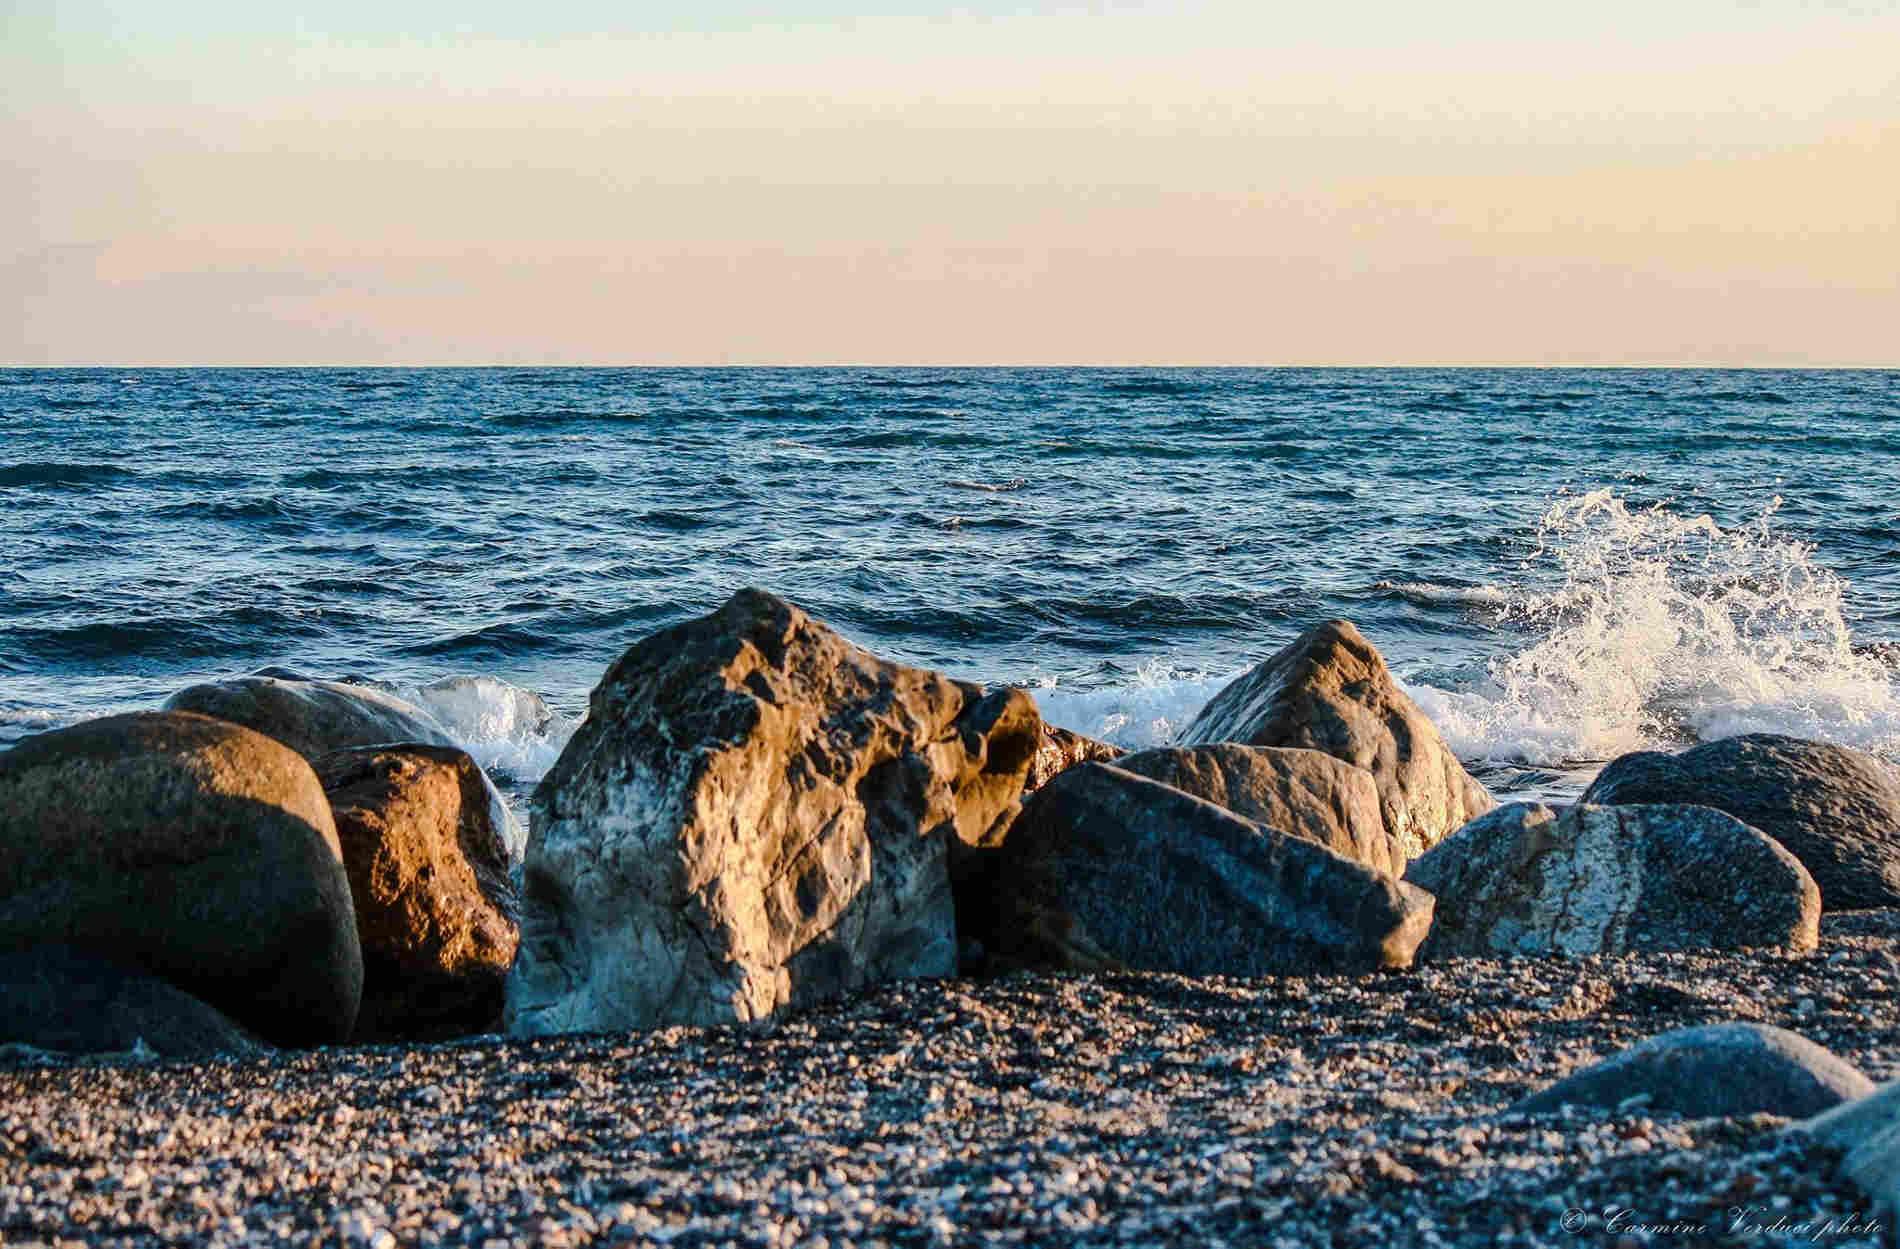 Calabria - Ol mare di Brancaleone Marina a Reggio Calabria